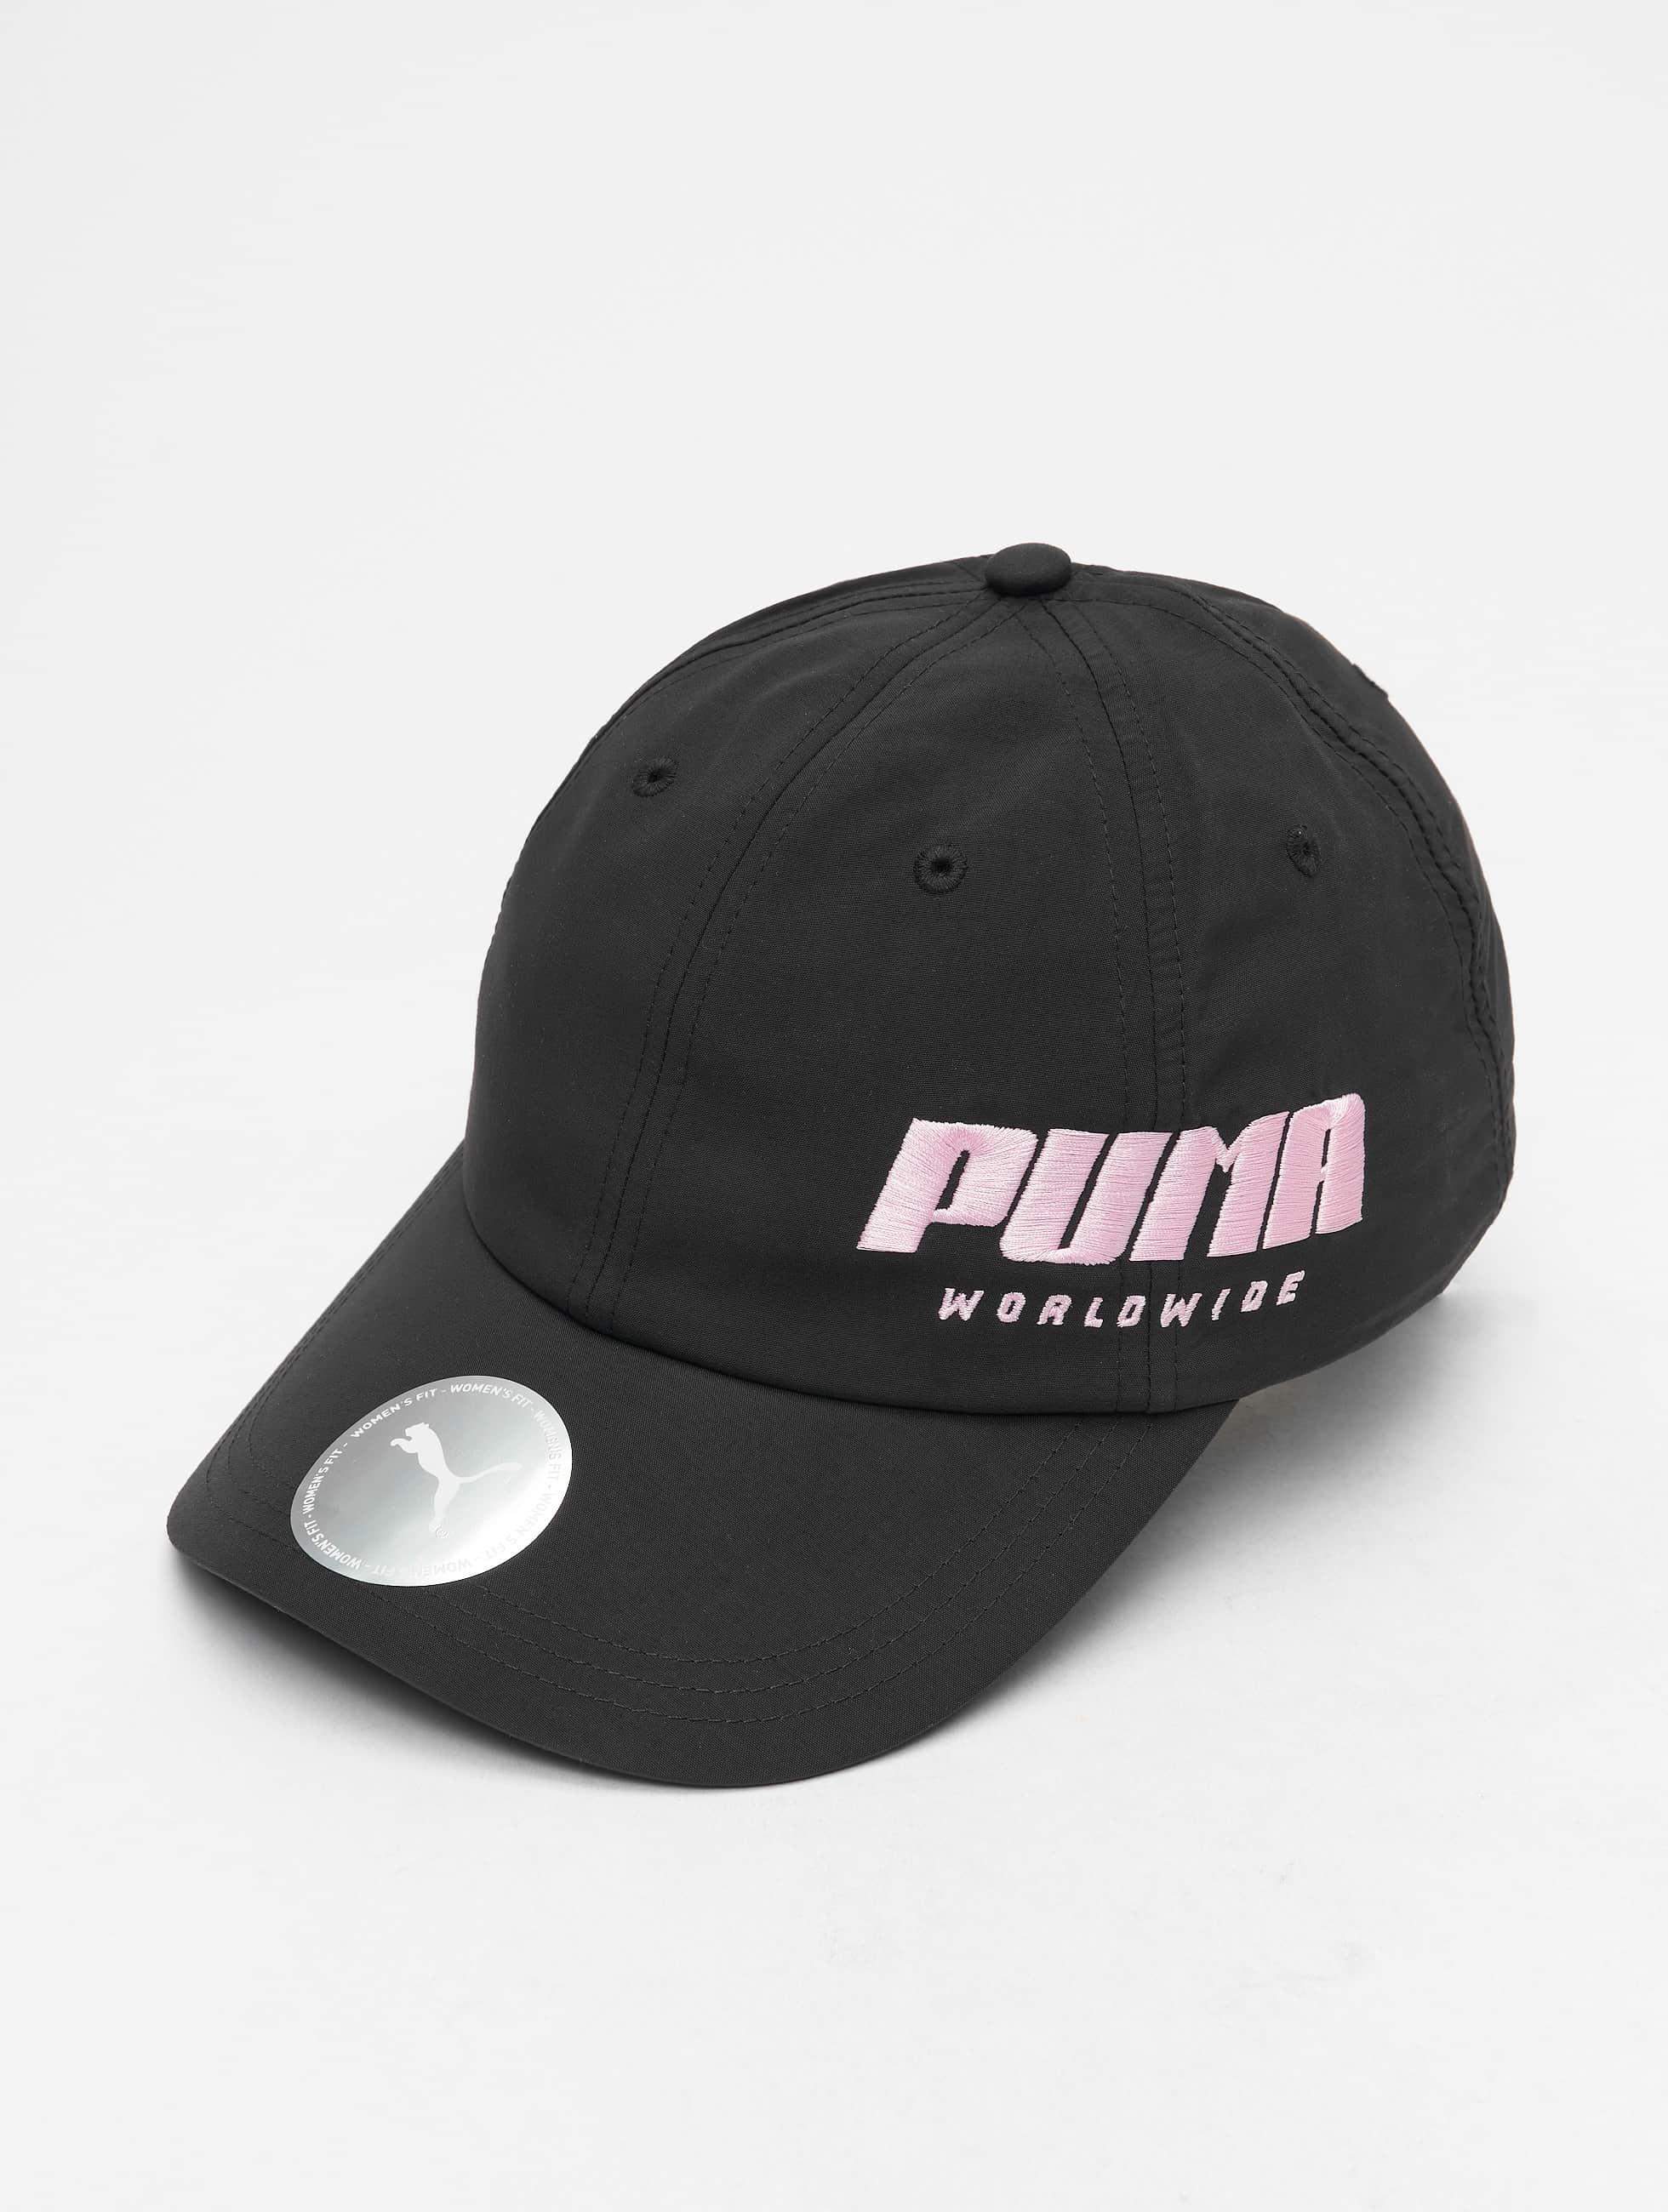 Puma | WS TZ  noir Homme,Femme Casquette Snapback & Strapback